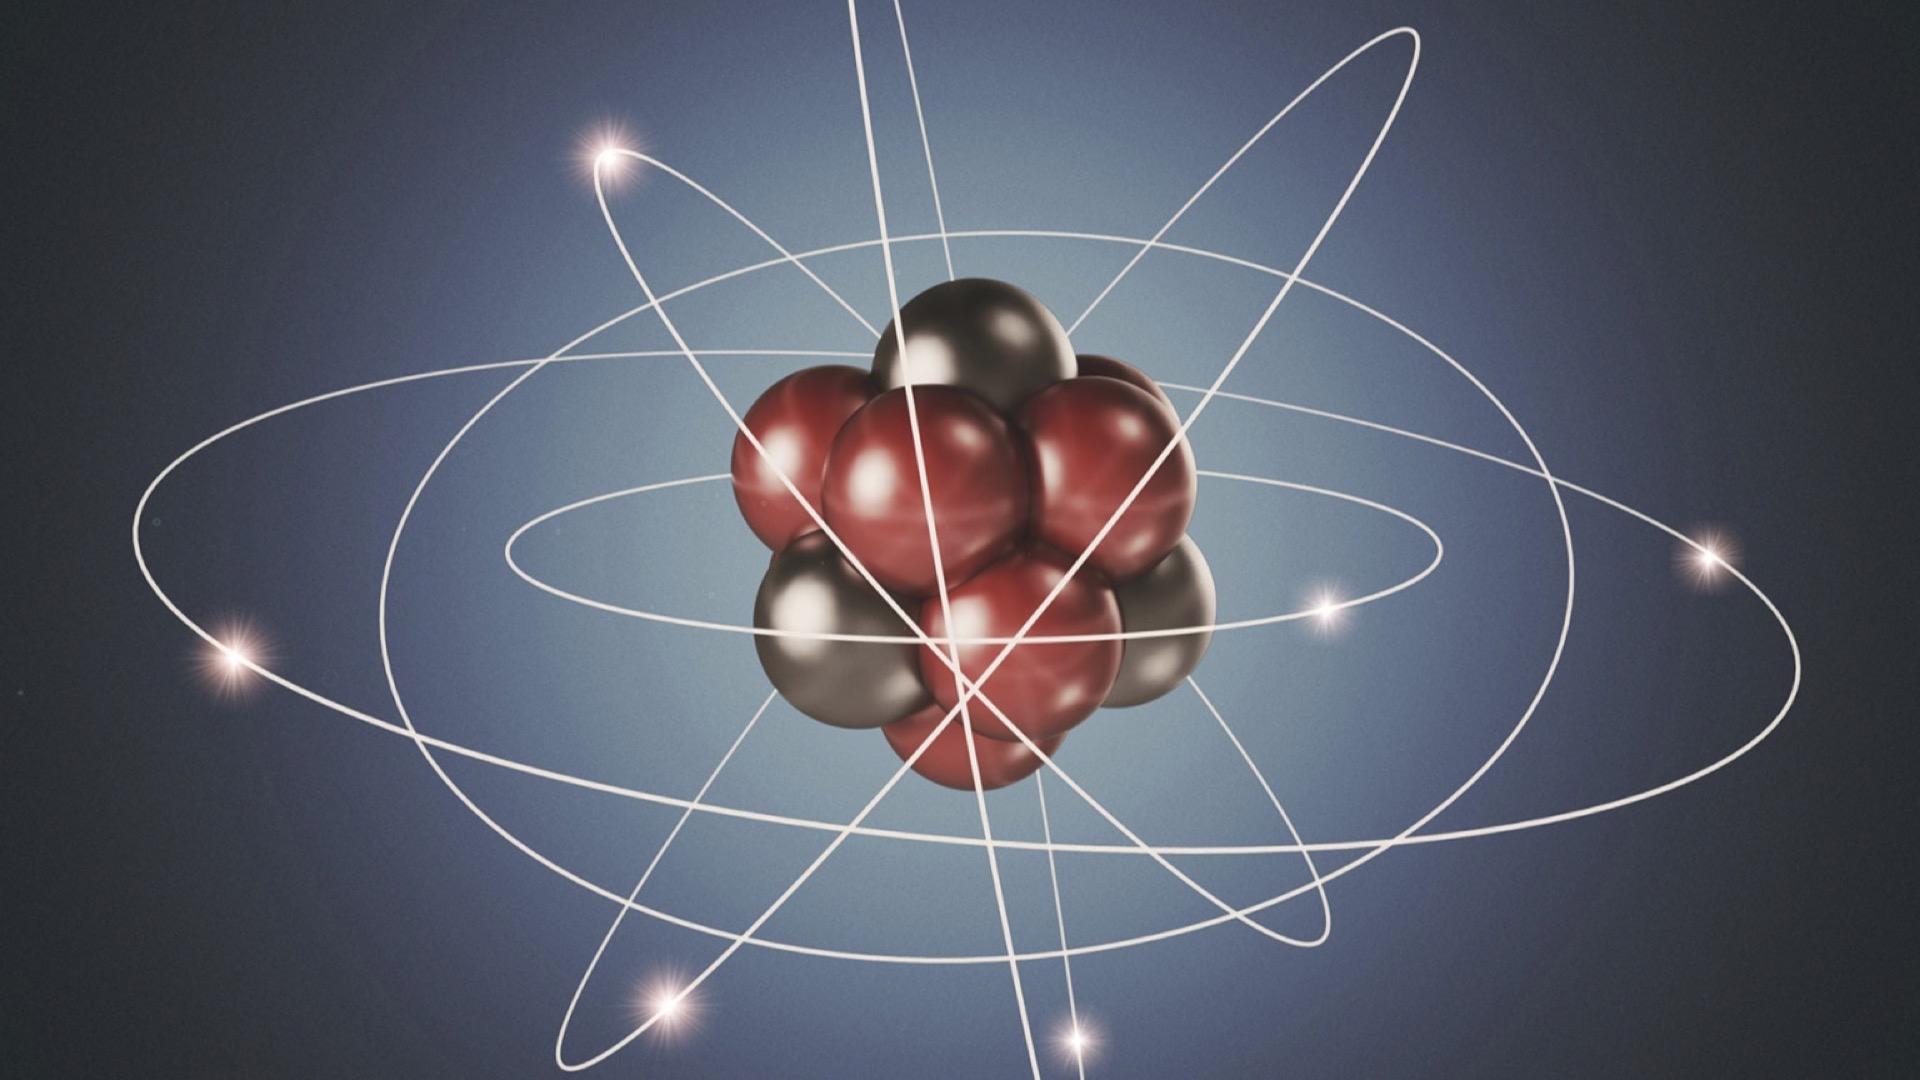 это электроны и атомы картинки японскими, турецкими, азиатскими